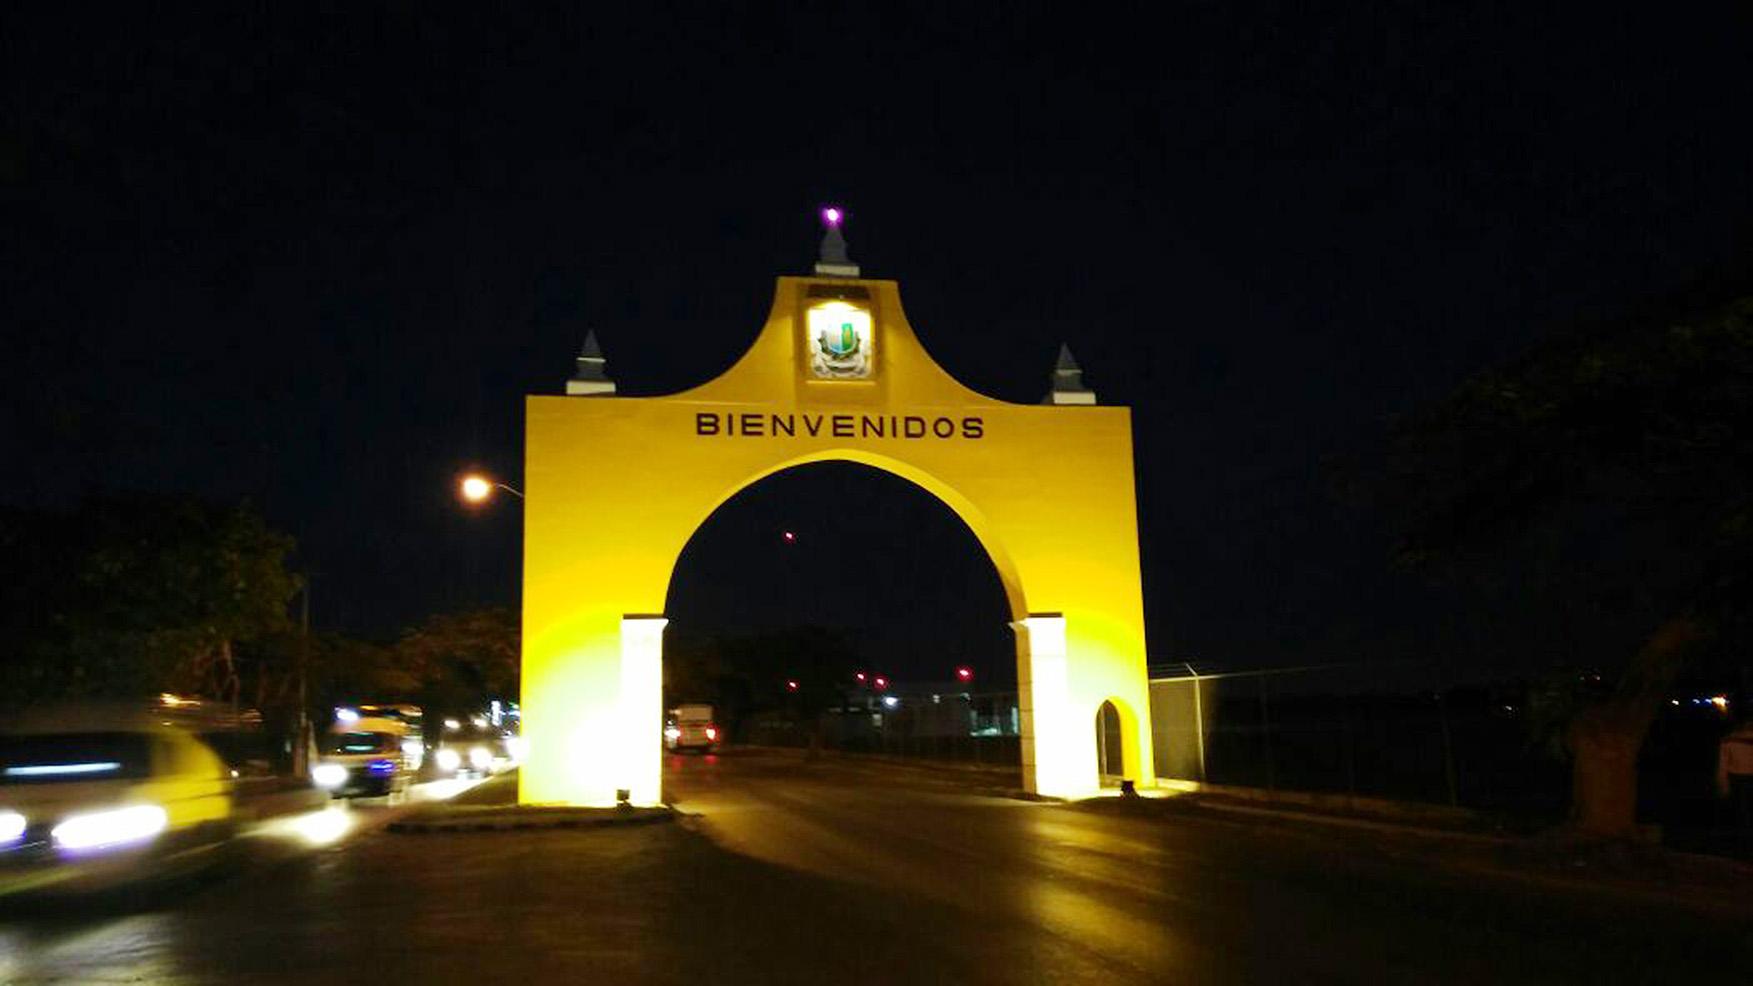 Luce nueva imagen arco de acceso a Mérida vía Campeche